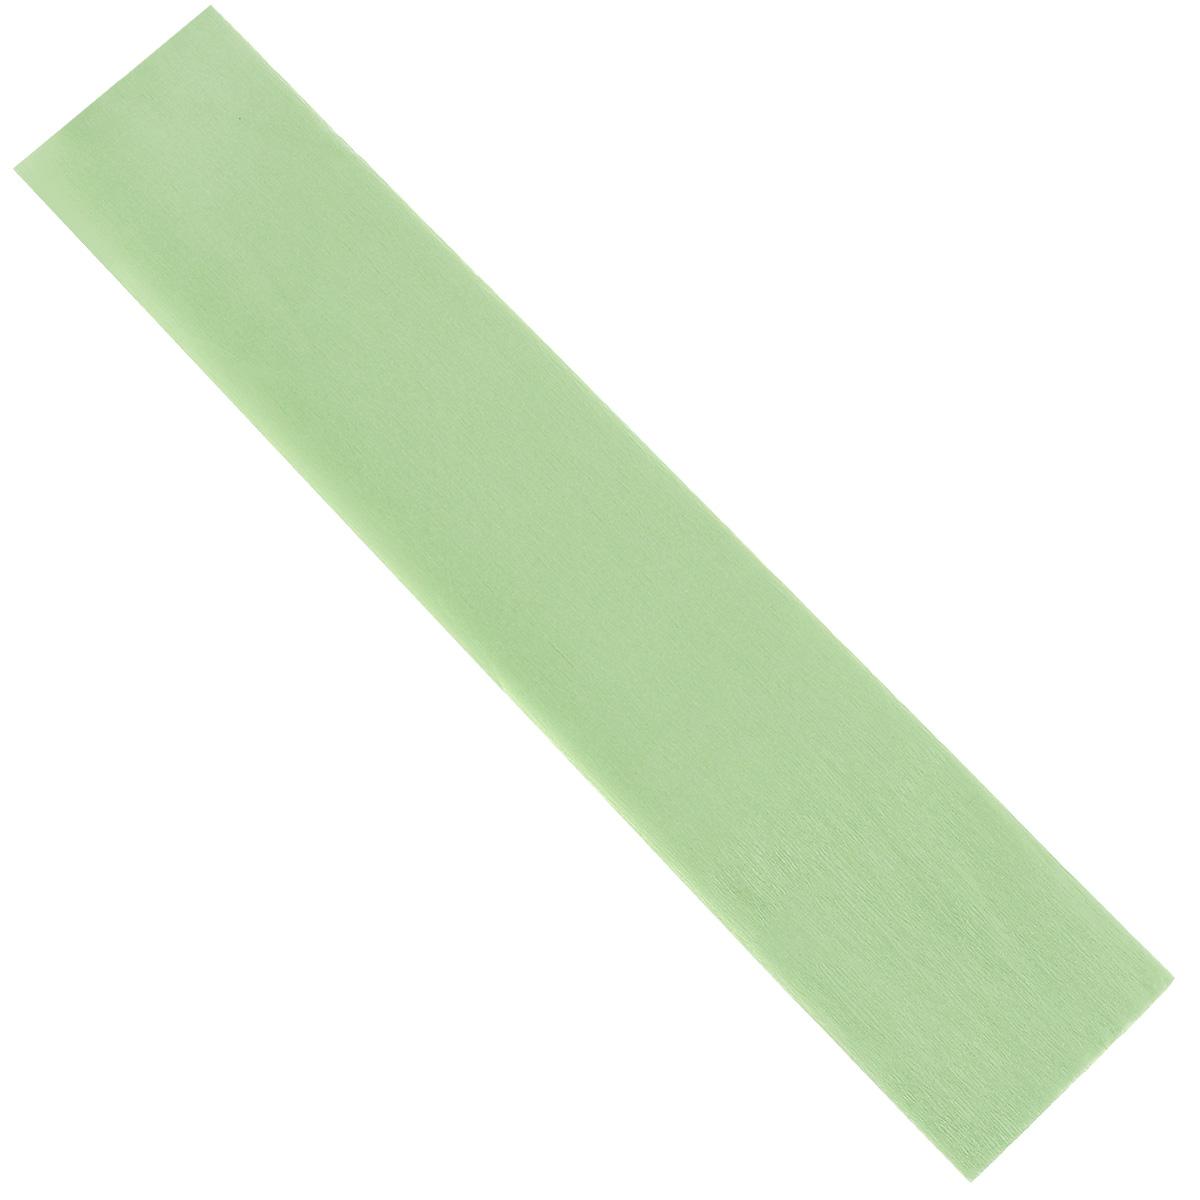 Бумага крепированная Проф-Пресс, перламутровая, цвет: зеленый, 50 см х 250 смБ-2311Крепированная перламутровая бумага Проф-Пресс - отличный вариант для воплощения творческих идей не только детей, но и взрослых. Она отлично подойдет для упаковки хрупких изделий, при оформлении букетов, создании сложных цветовых композиций, для декорирования и других оформительских работ. Бумага обладает повышенной прочностью и жесткостью, хорошо растягивается, имеет жатую поверхность.Кроме того, перламутровая бумага Проф-Пресс поможет увлечь ребенка, развивая интерес к художественному творчеству, эстетический вкус и восприятие, увеличивая желание делать подарки своими руками, воспитывая самостоятельность и аккуратность в работе. Такая бумага поможет вашему ребенку раскрыть свои таланты.Размер: 50 см х 250 см.